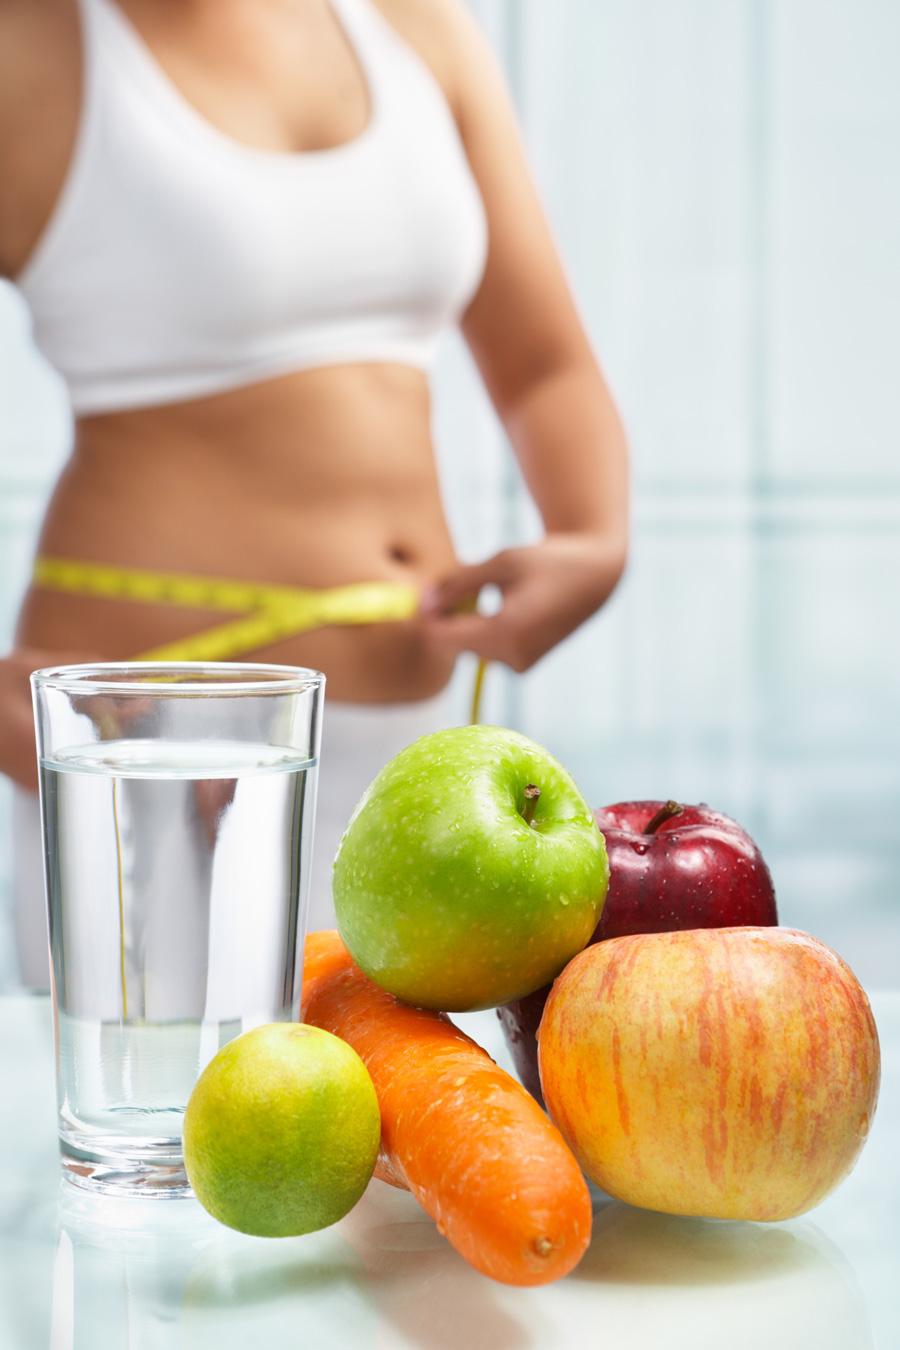 Быстрая потеря веса до 3 килограмм